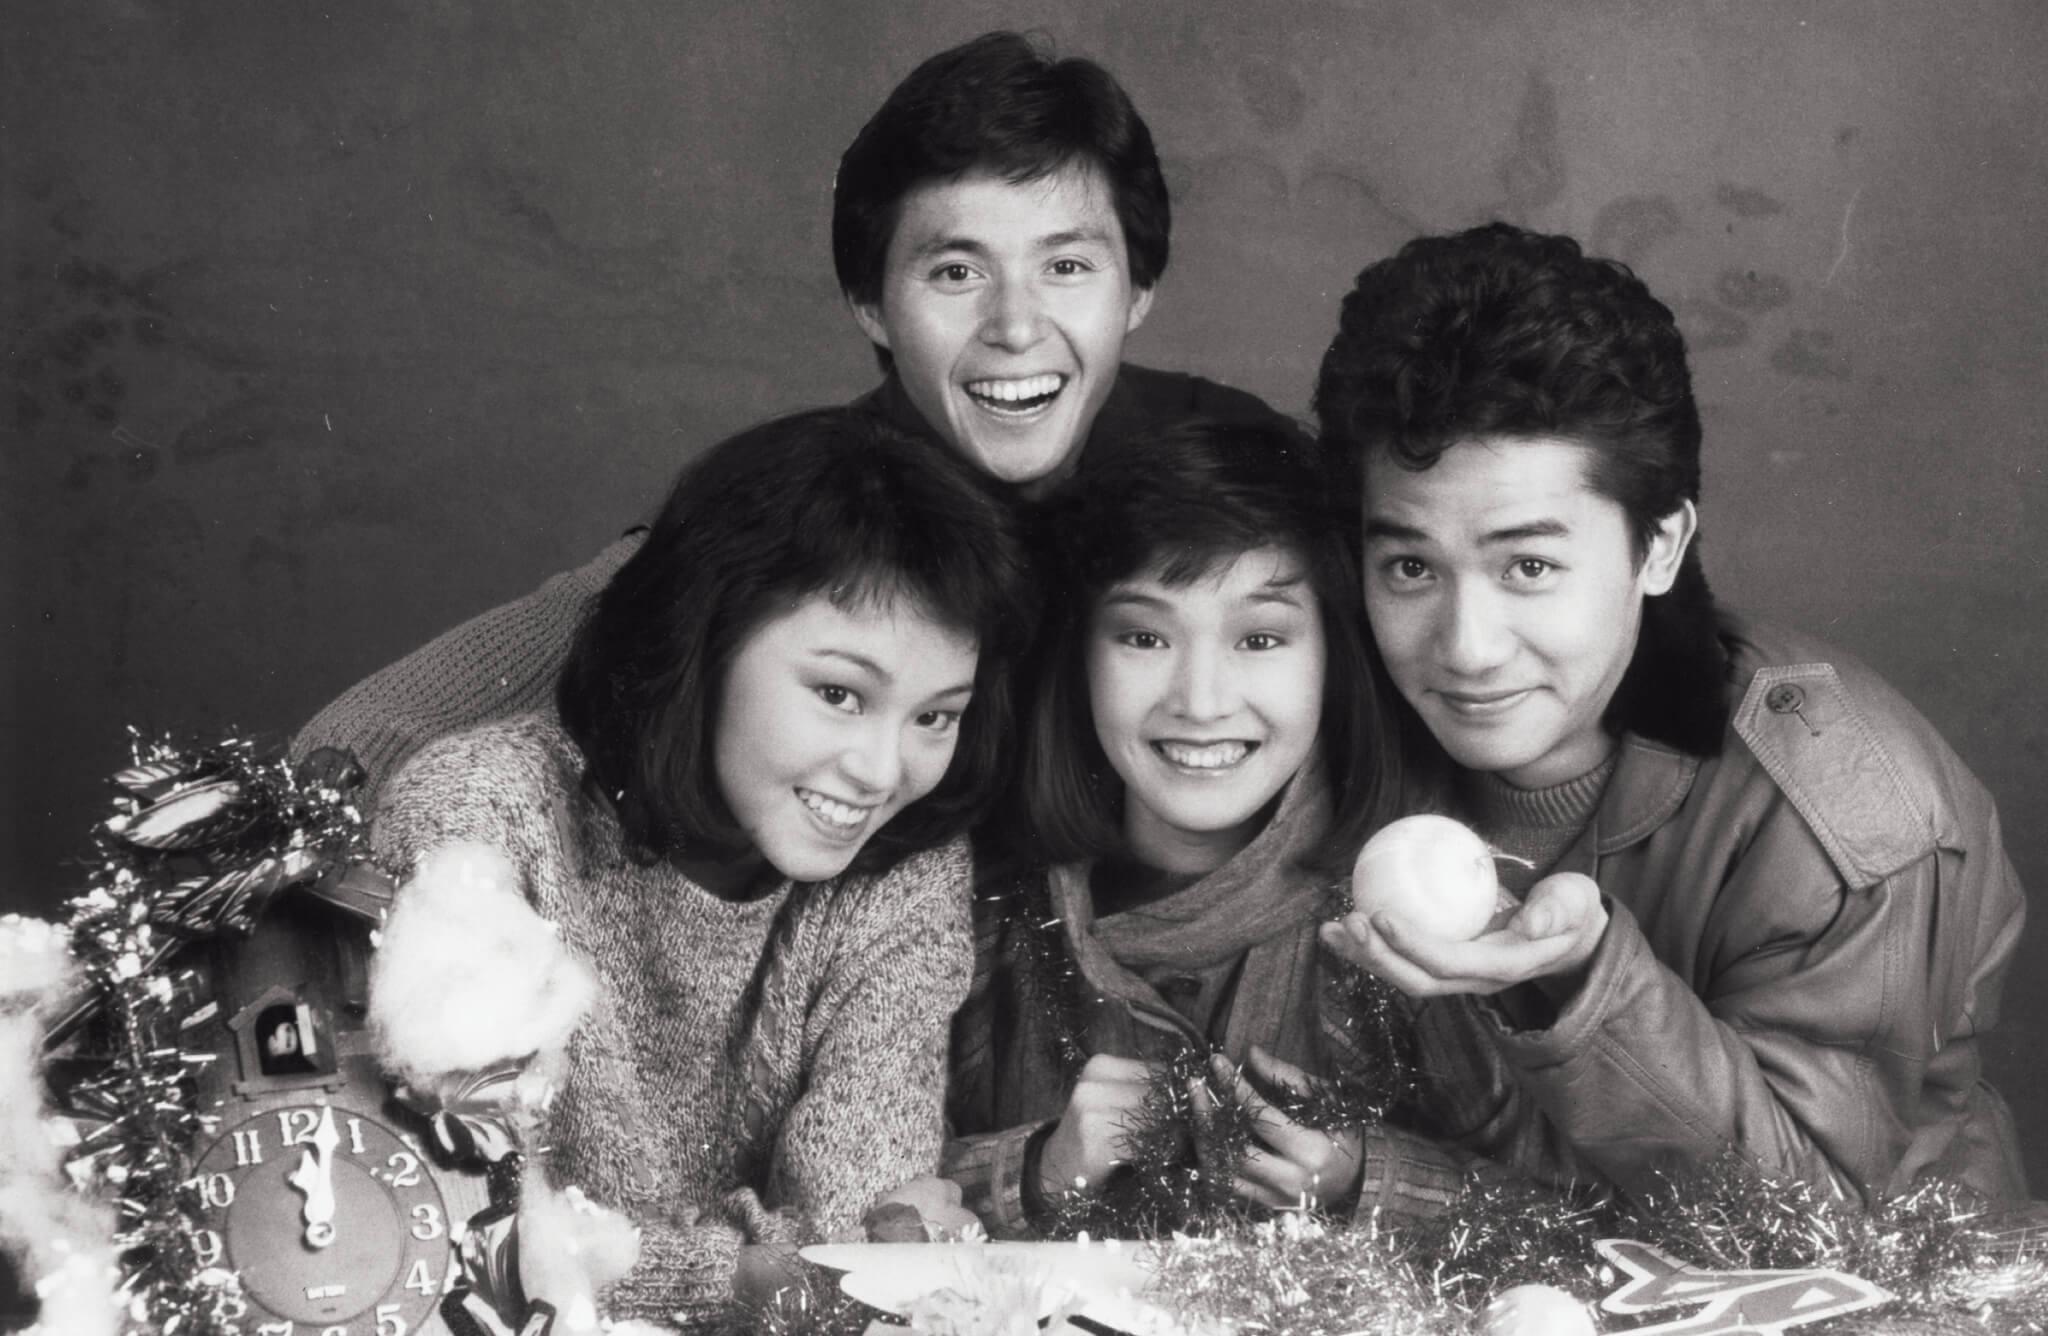 八十年代的《430穿梭機》,張國強與譚玉瑛、區艷蓮、梁朝偉一同主持。